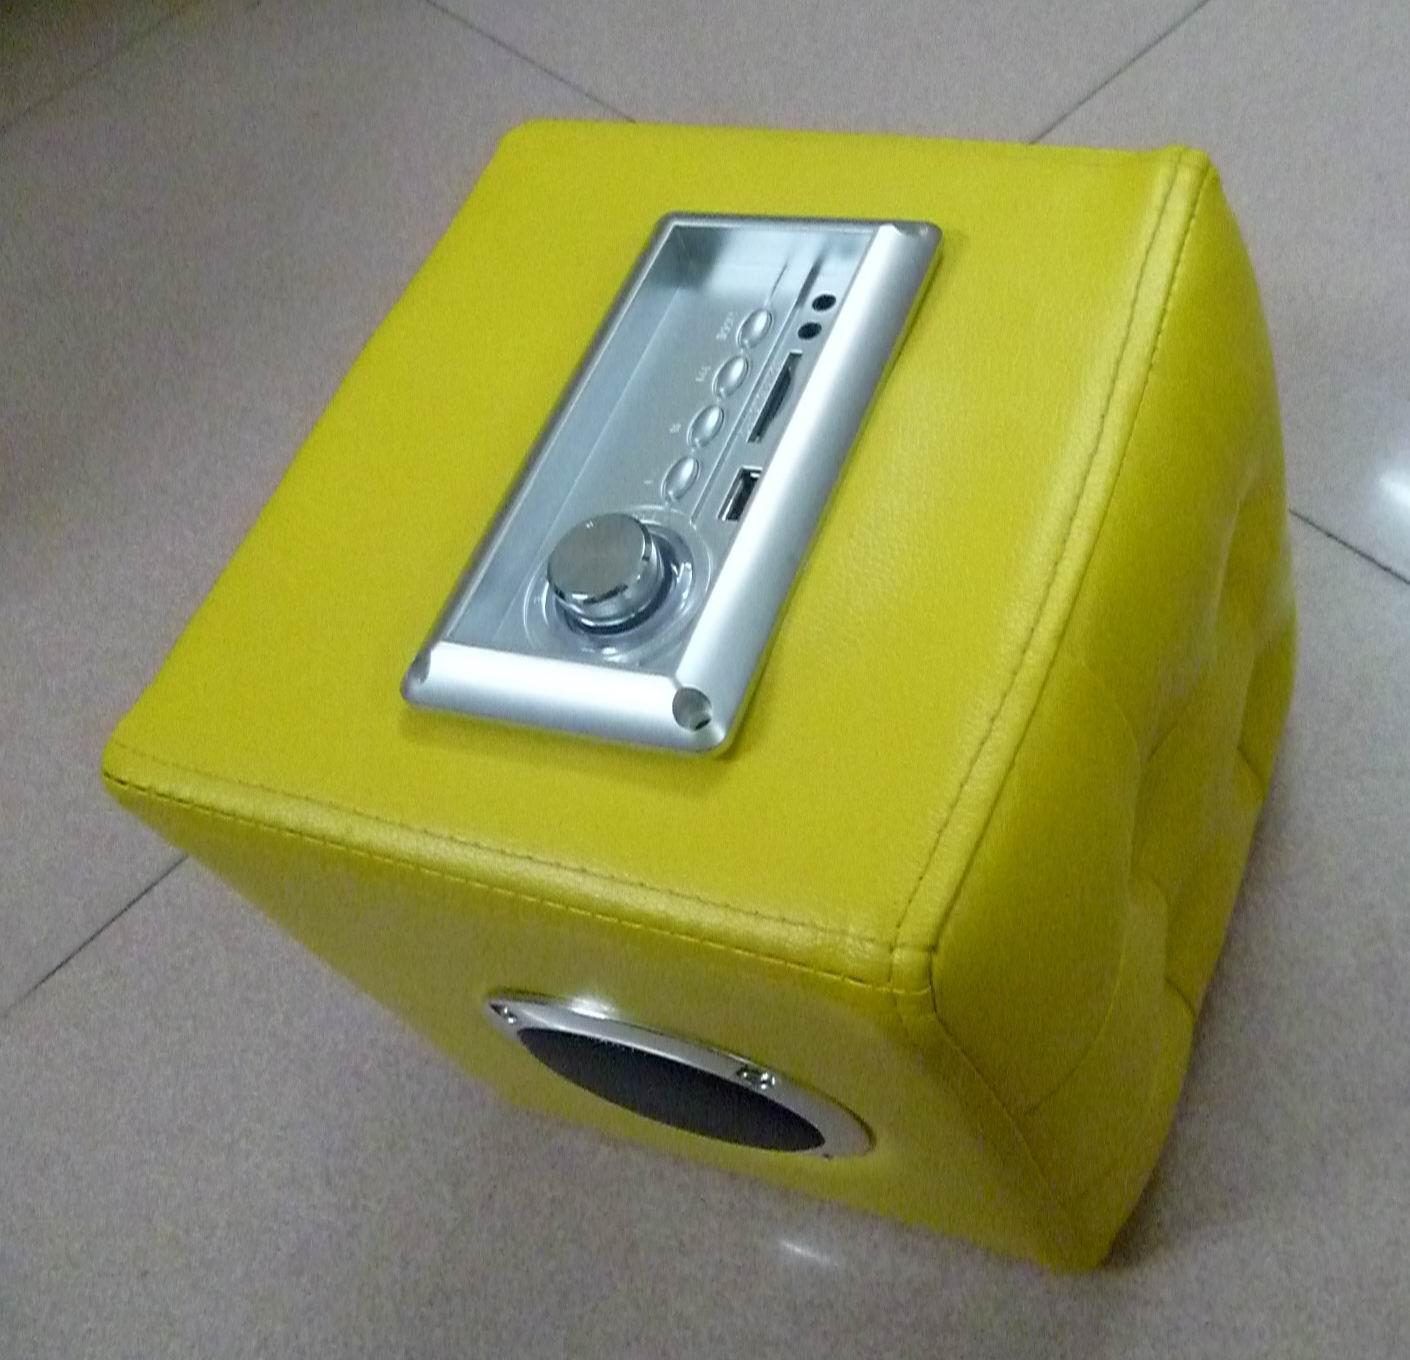 沙发家具蓝牙MP3播放器蓝牙模块 3